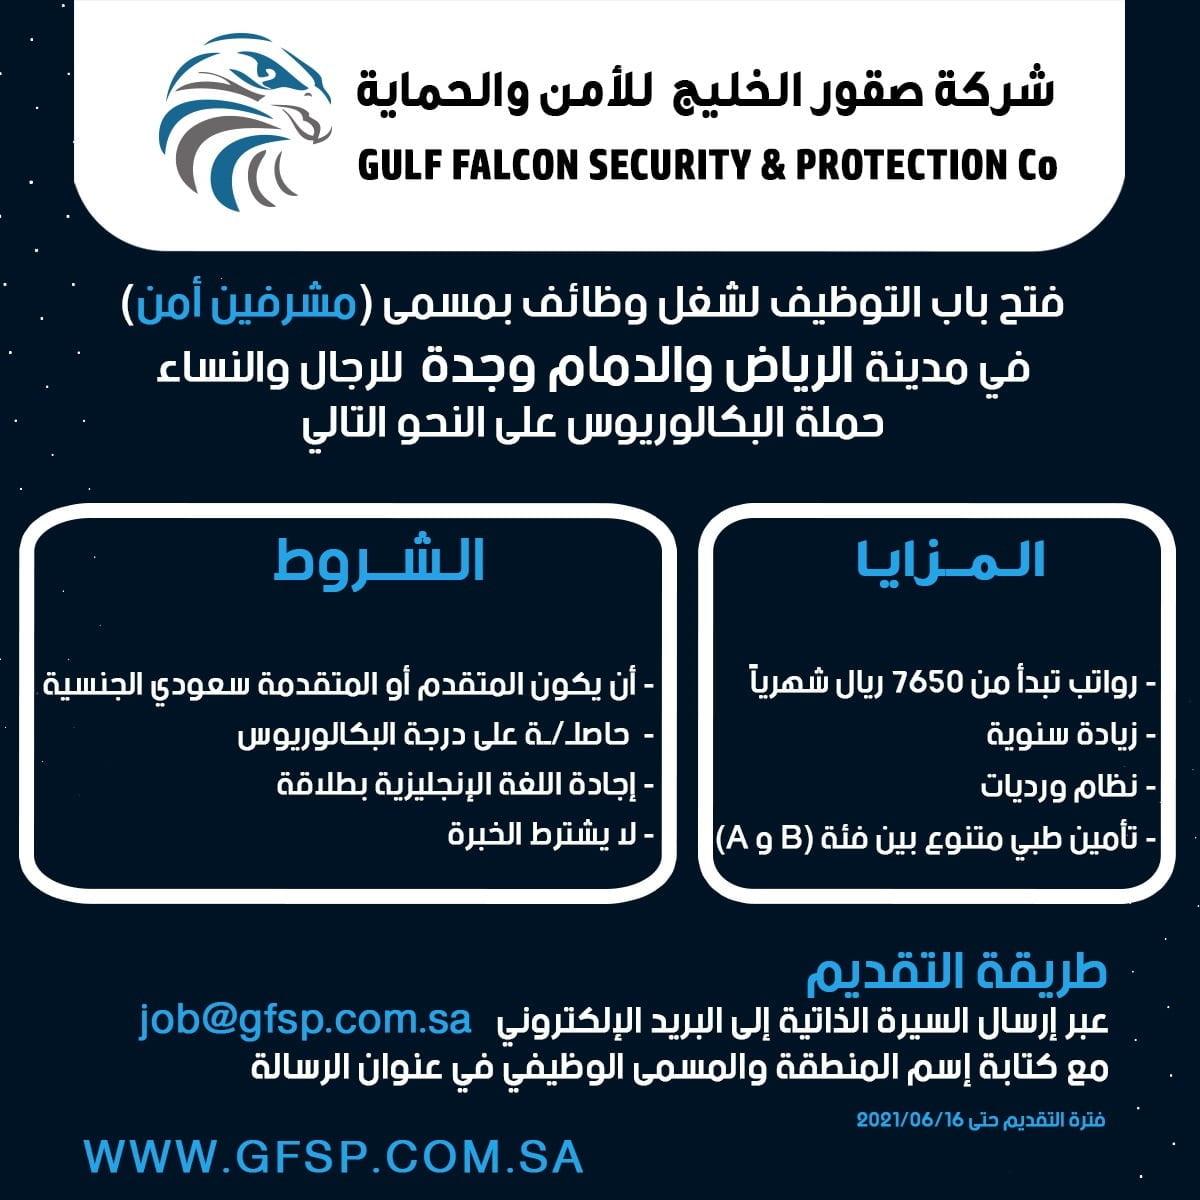 فتح باب التوظيف بمسمى مشرفين أمن للرجال والنساء بعدة مدن لدى شركة صقور الخليج 3